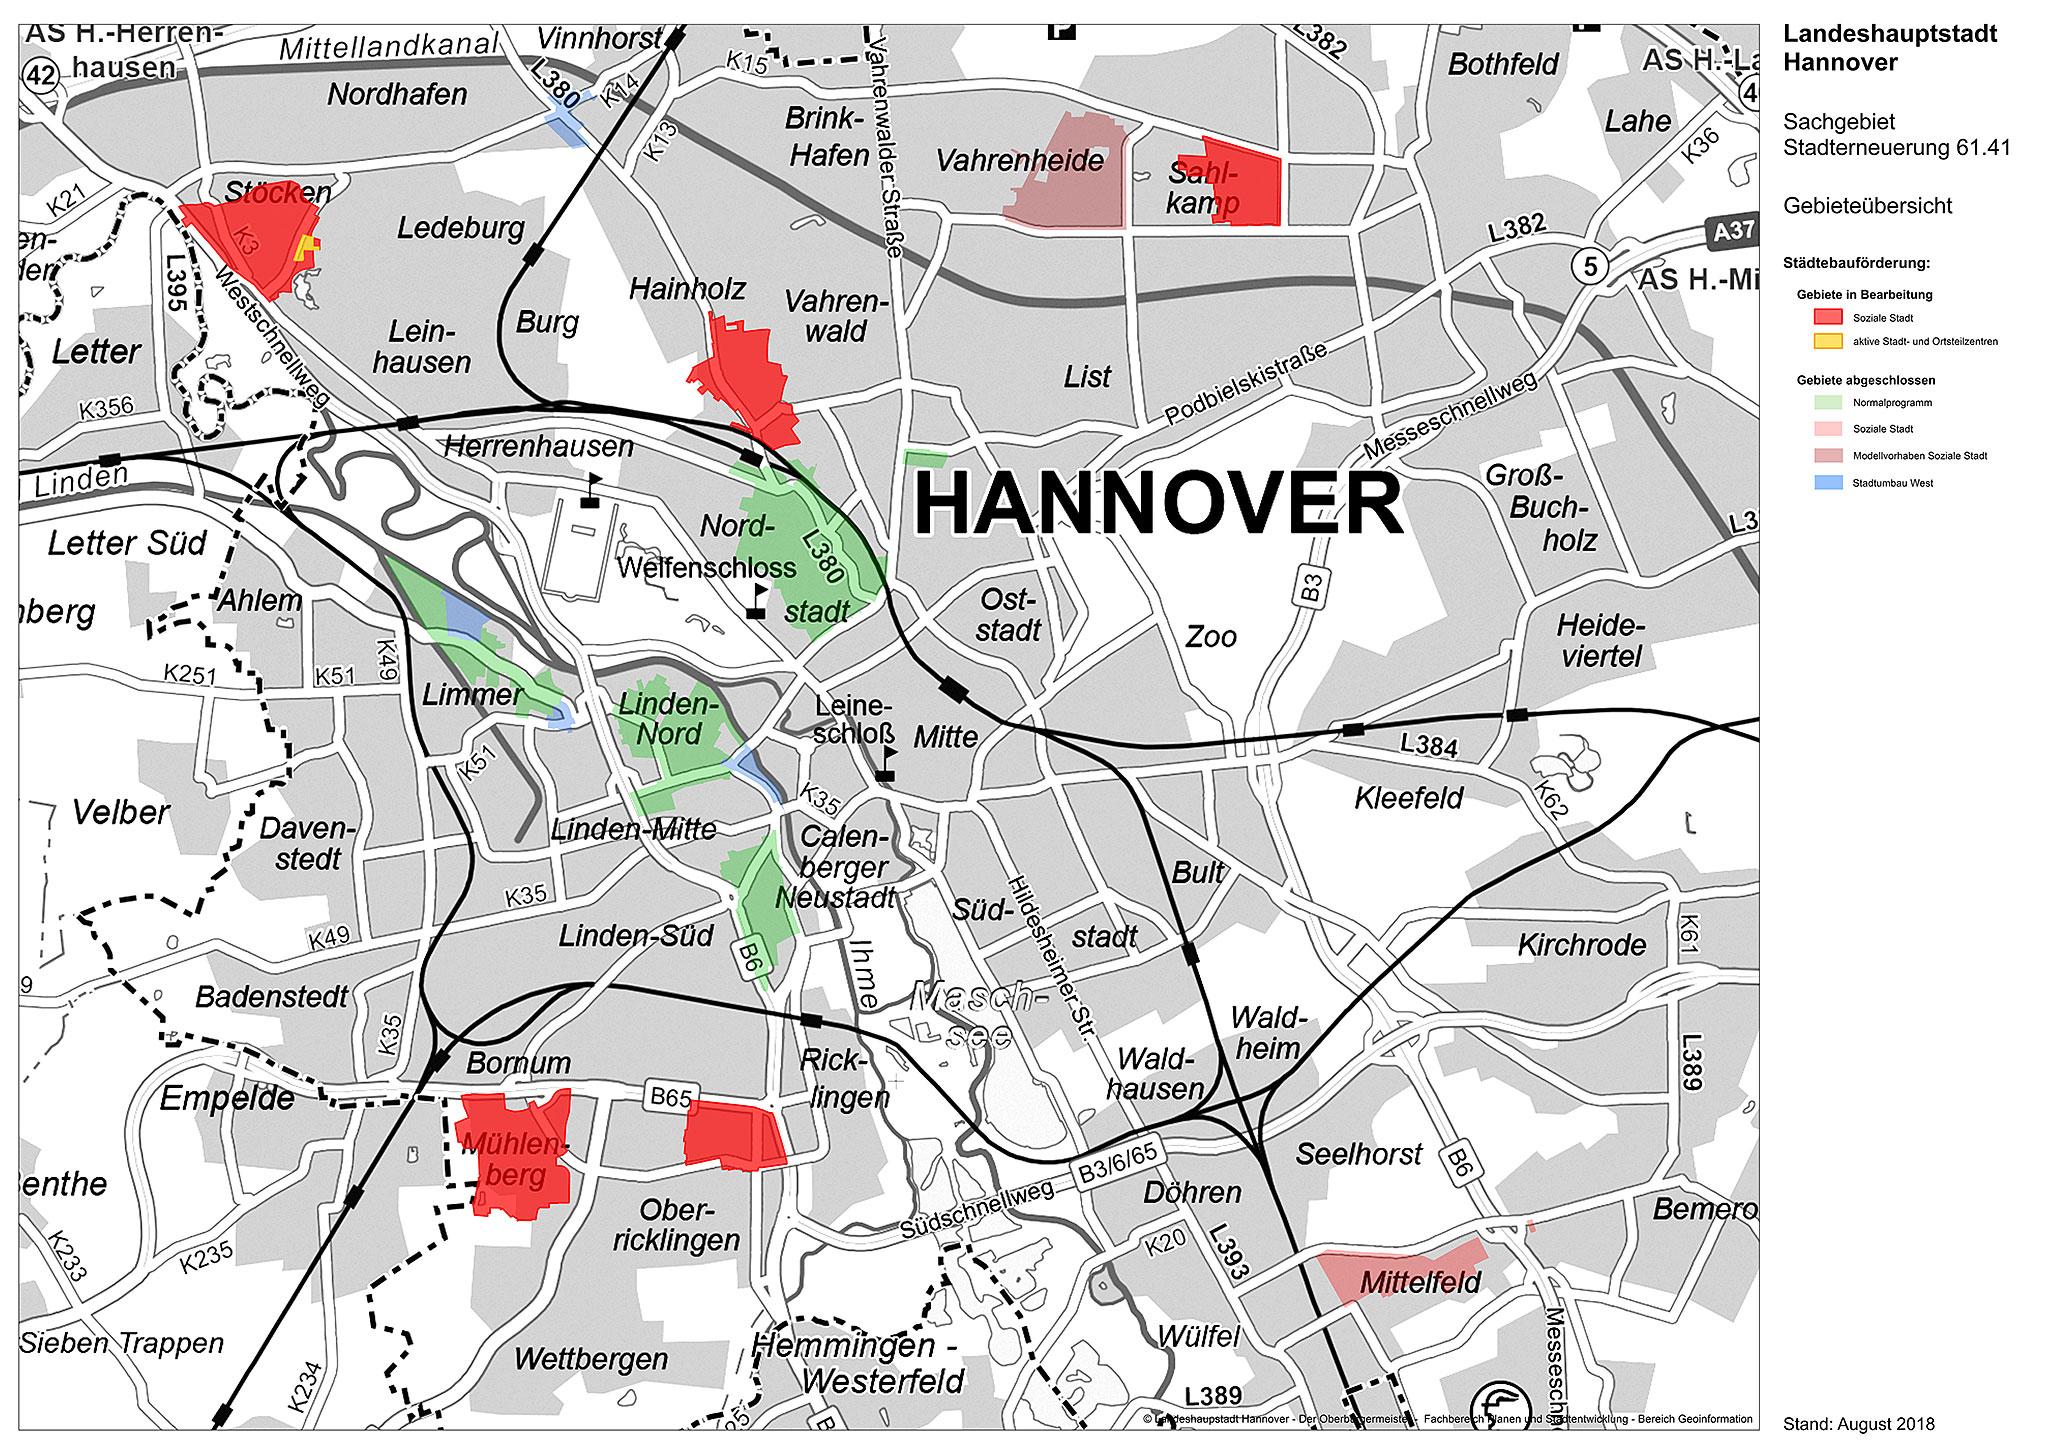 Übersichtskarte über die Fördergebiete in Hannover